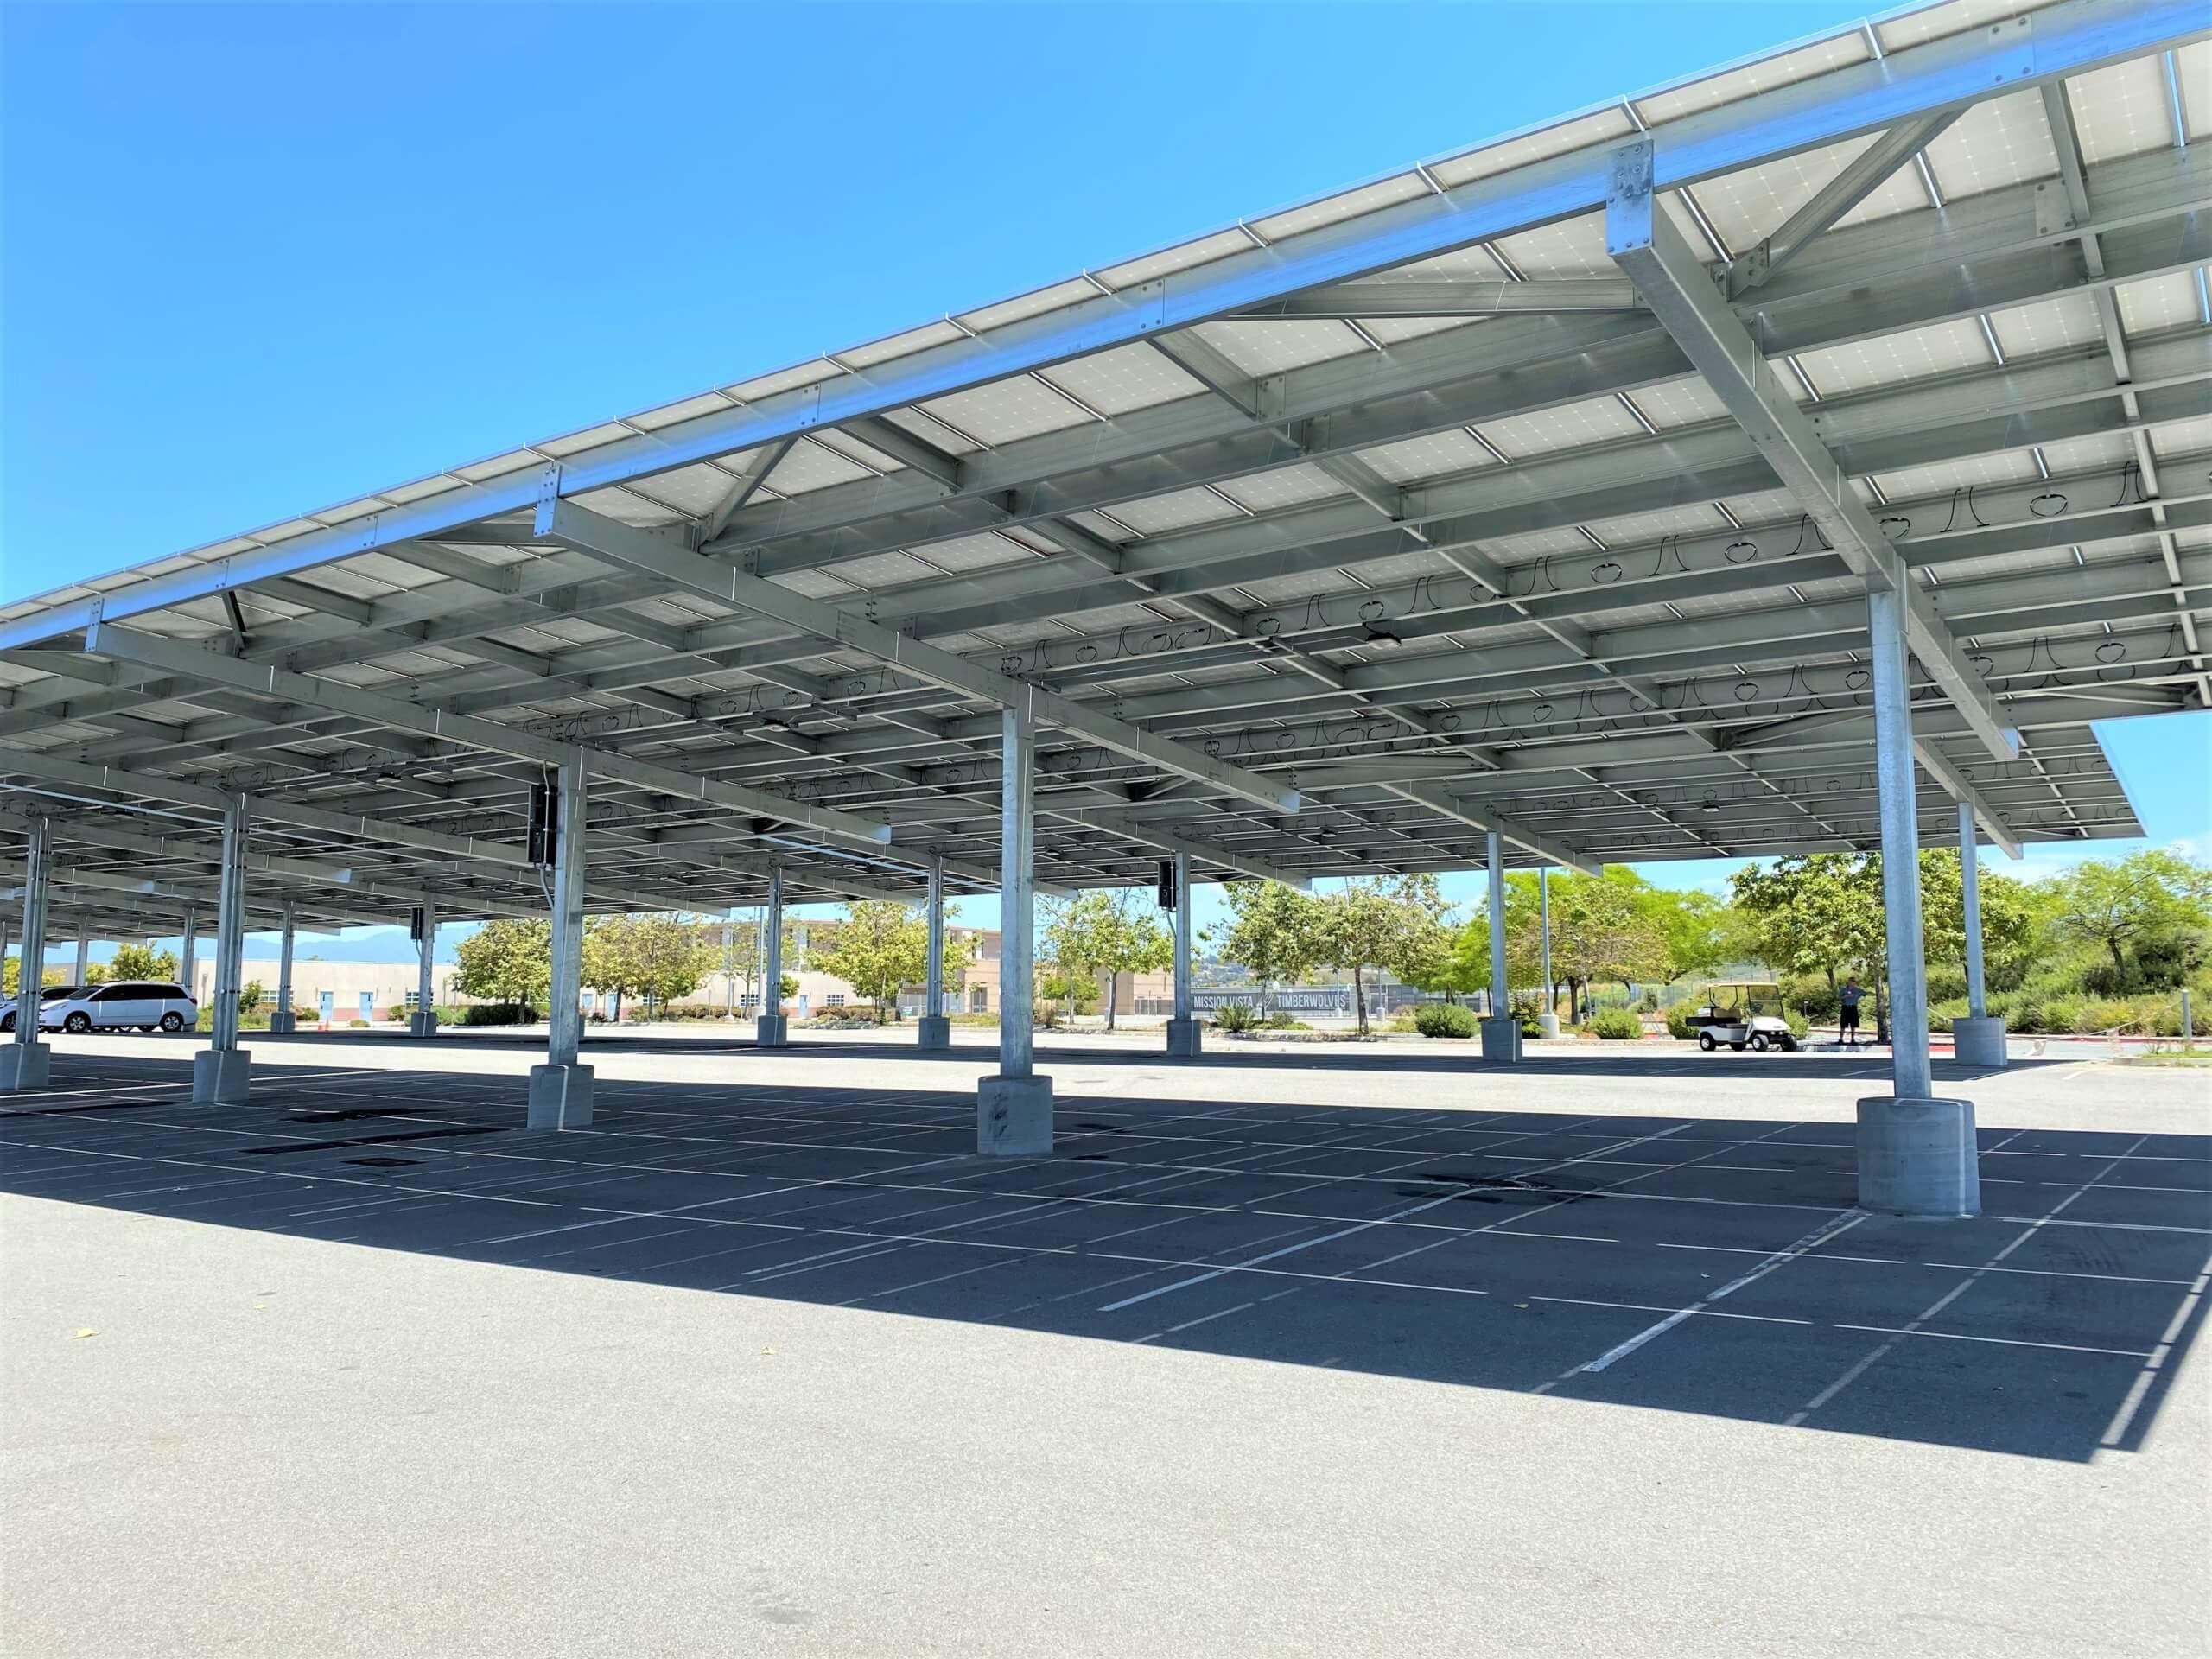 DSA Solar Carport